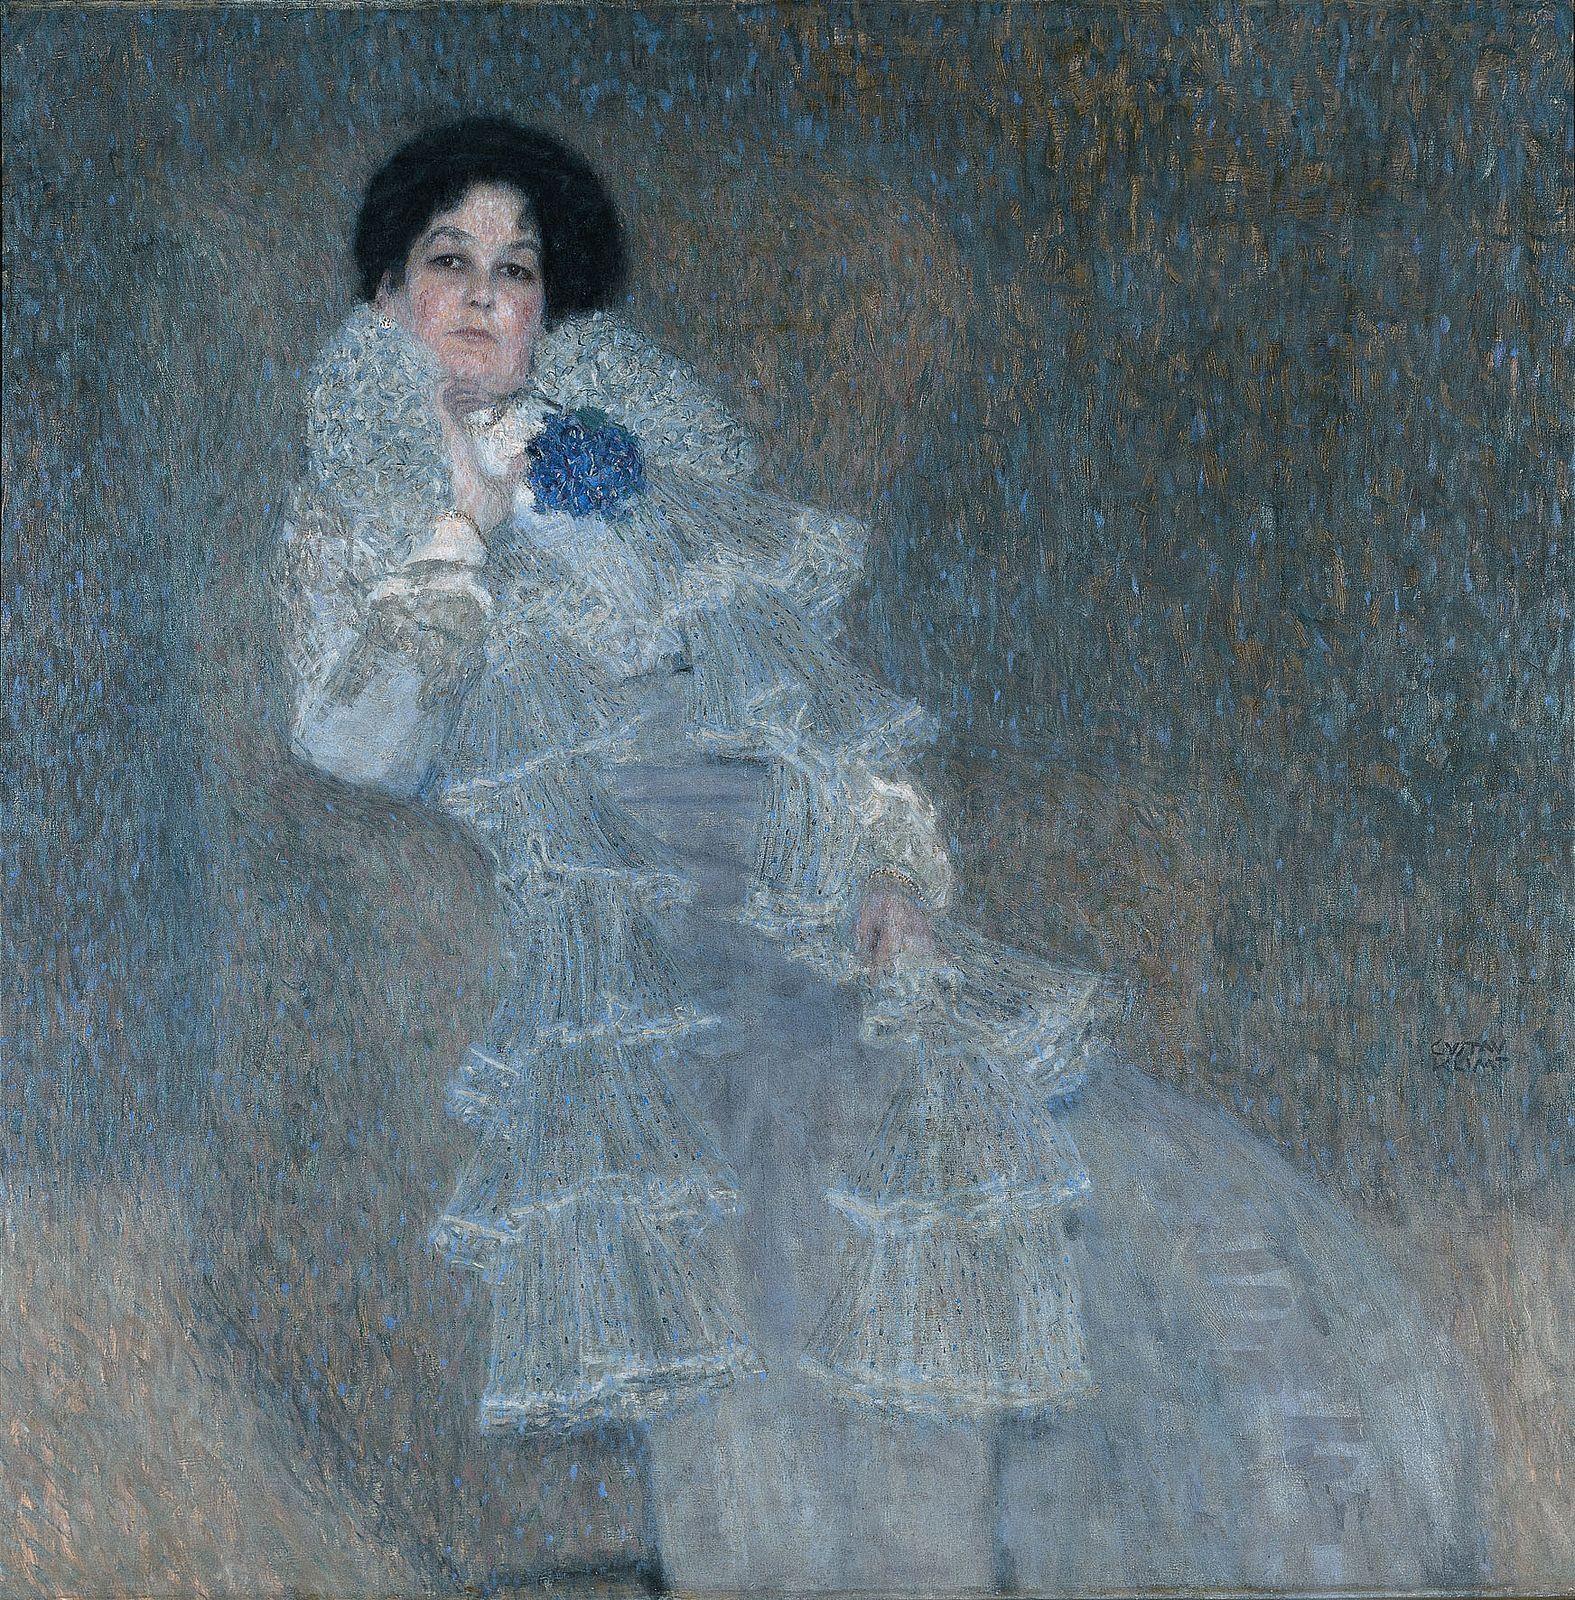 Ritratto di Marie Henneberg di Gustav Klimt